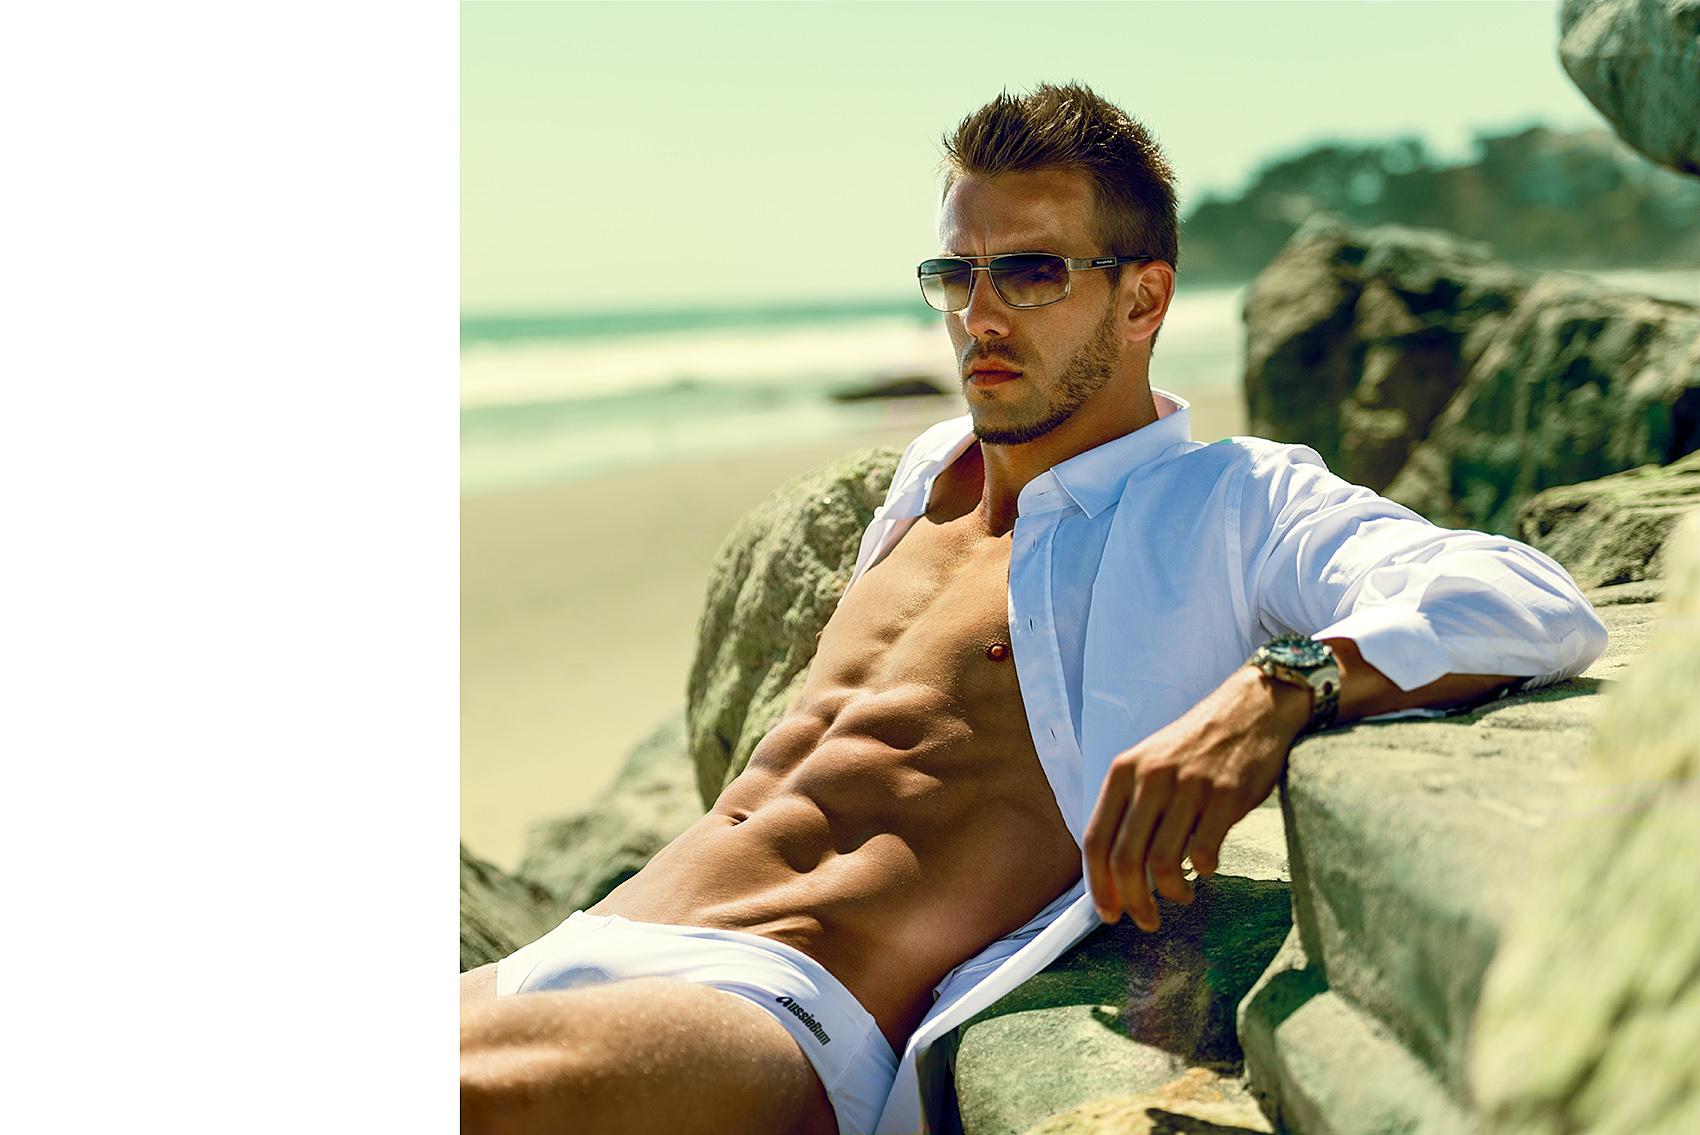 Los Angeles men's Portrait Photographer - Tito Vilela